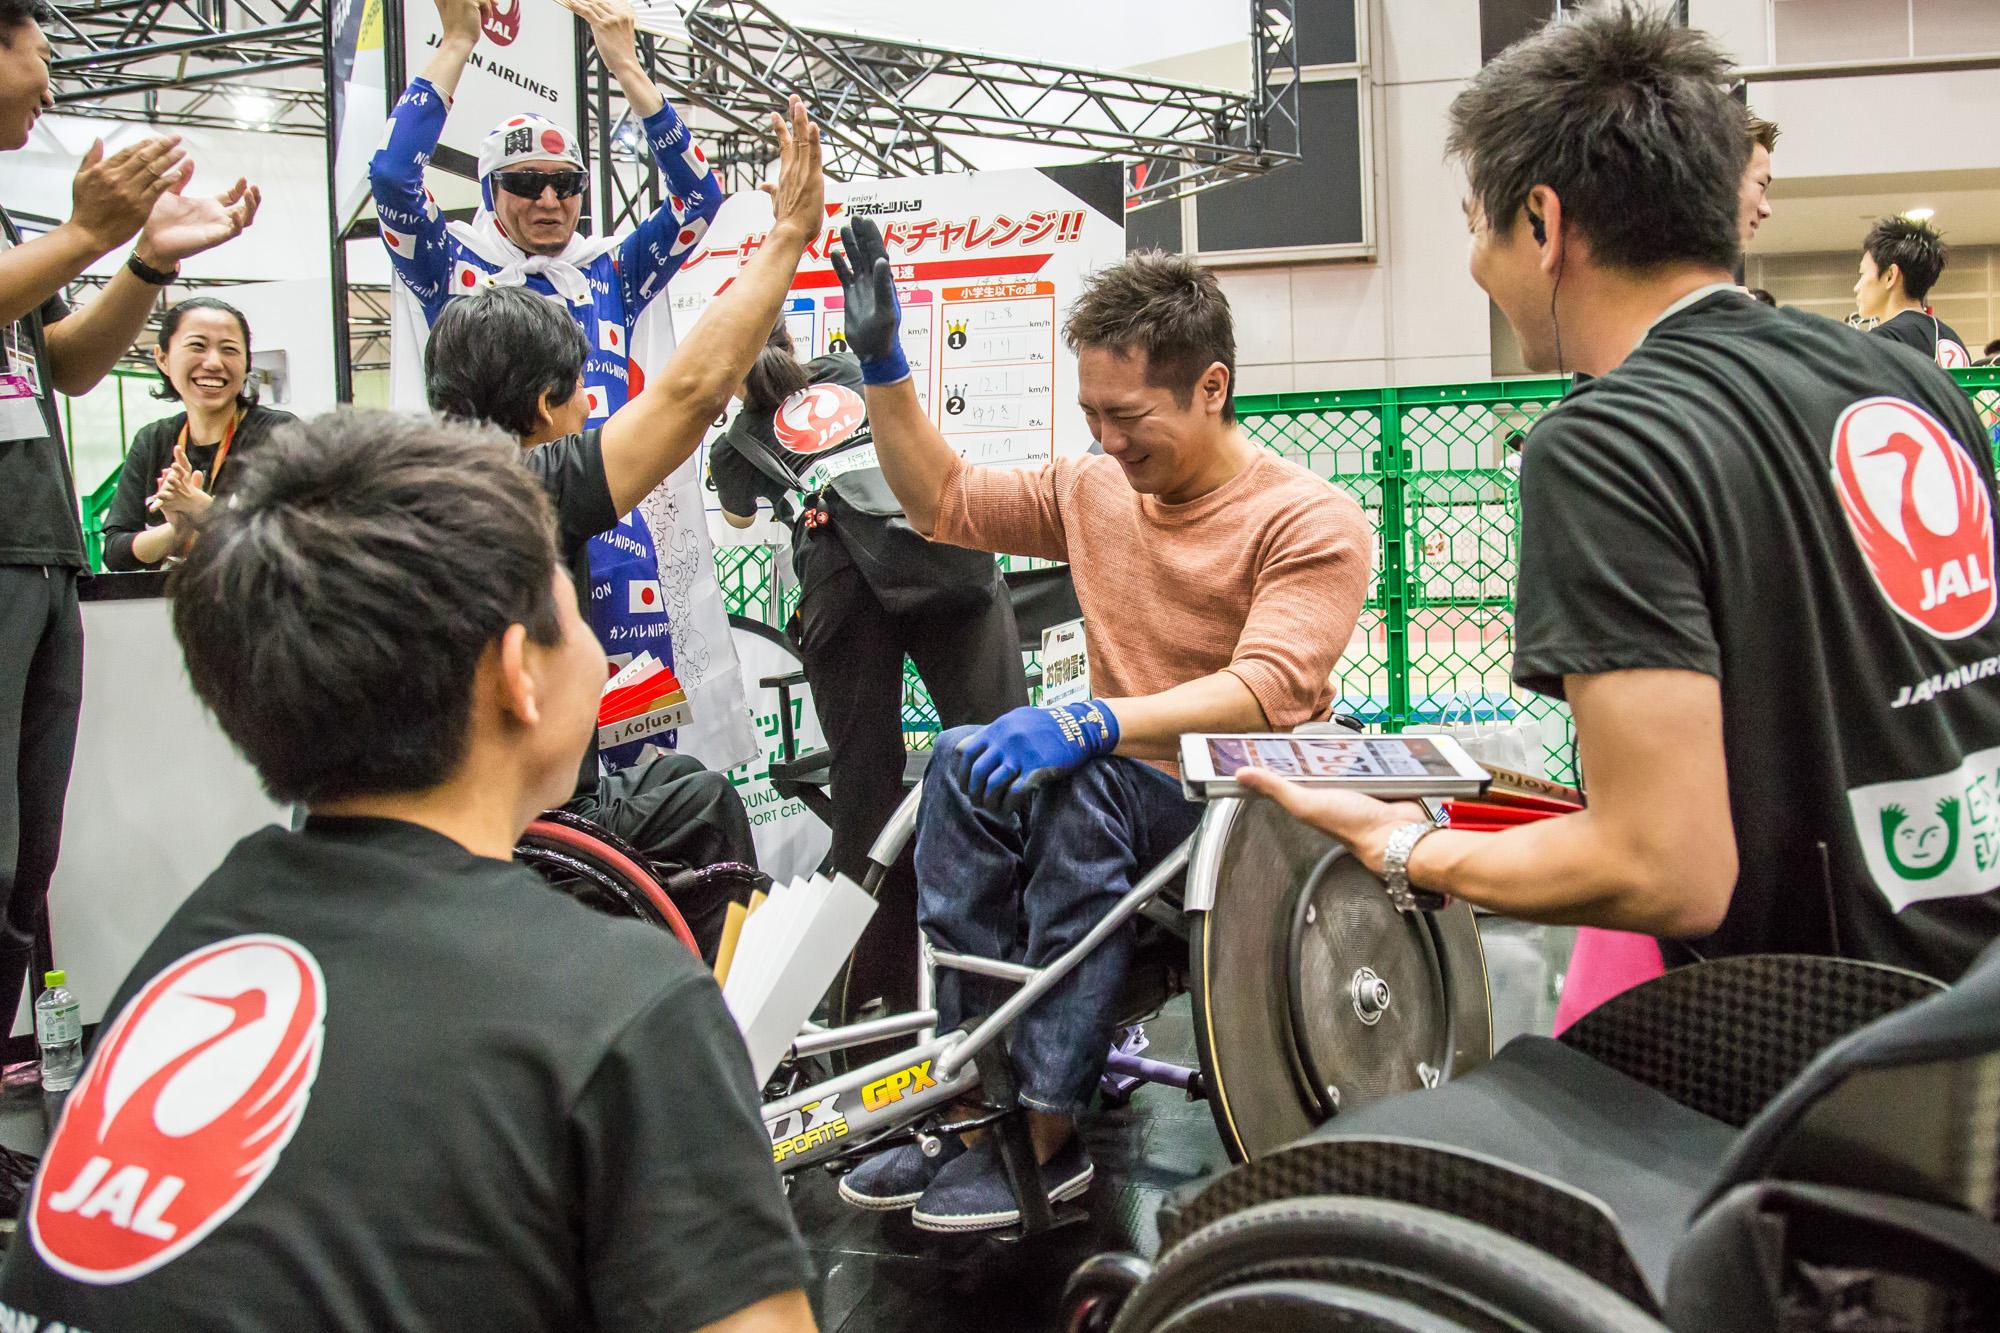 会場には現役パラアスリートも来場。レーサートライアルにチャレンジするウィルチェアーラグビー日本代表・島川慎一選手